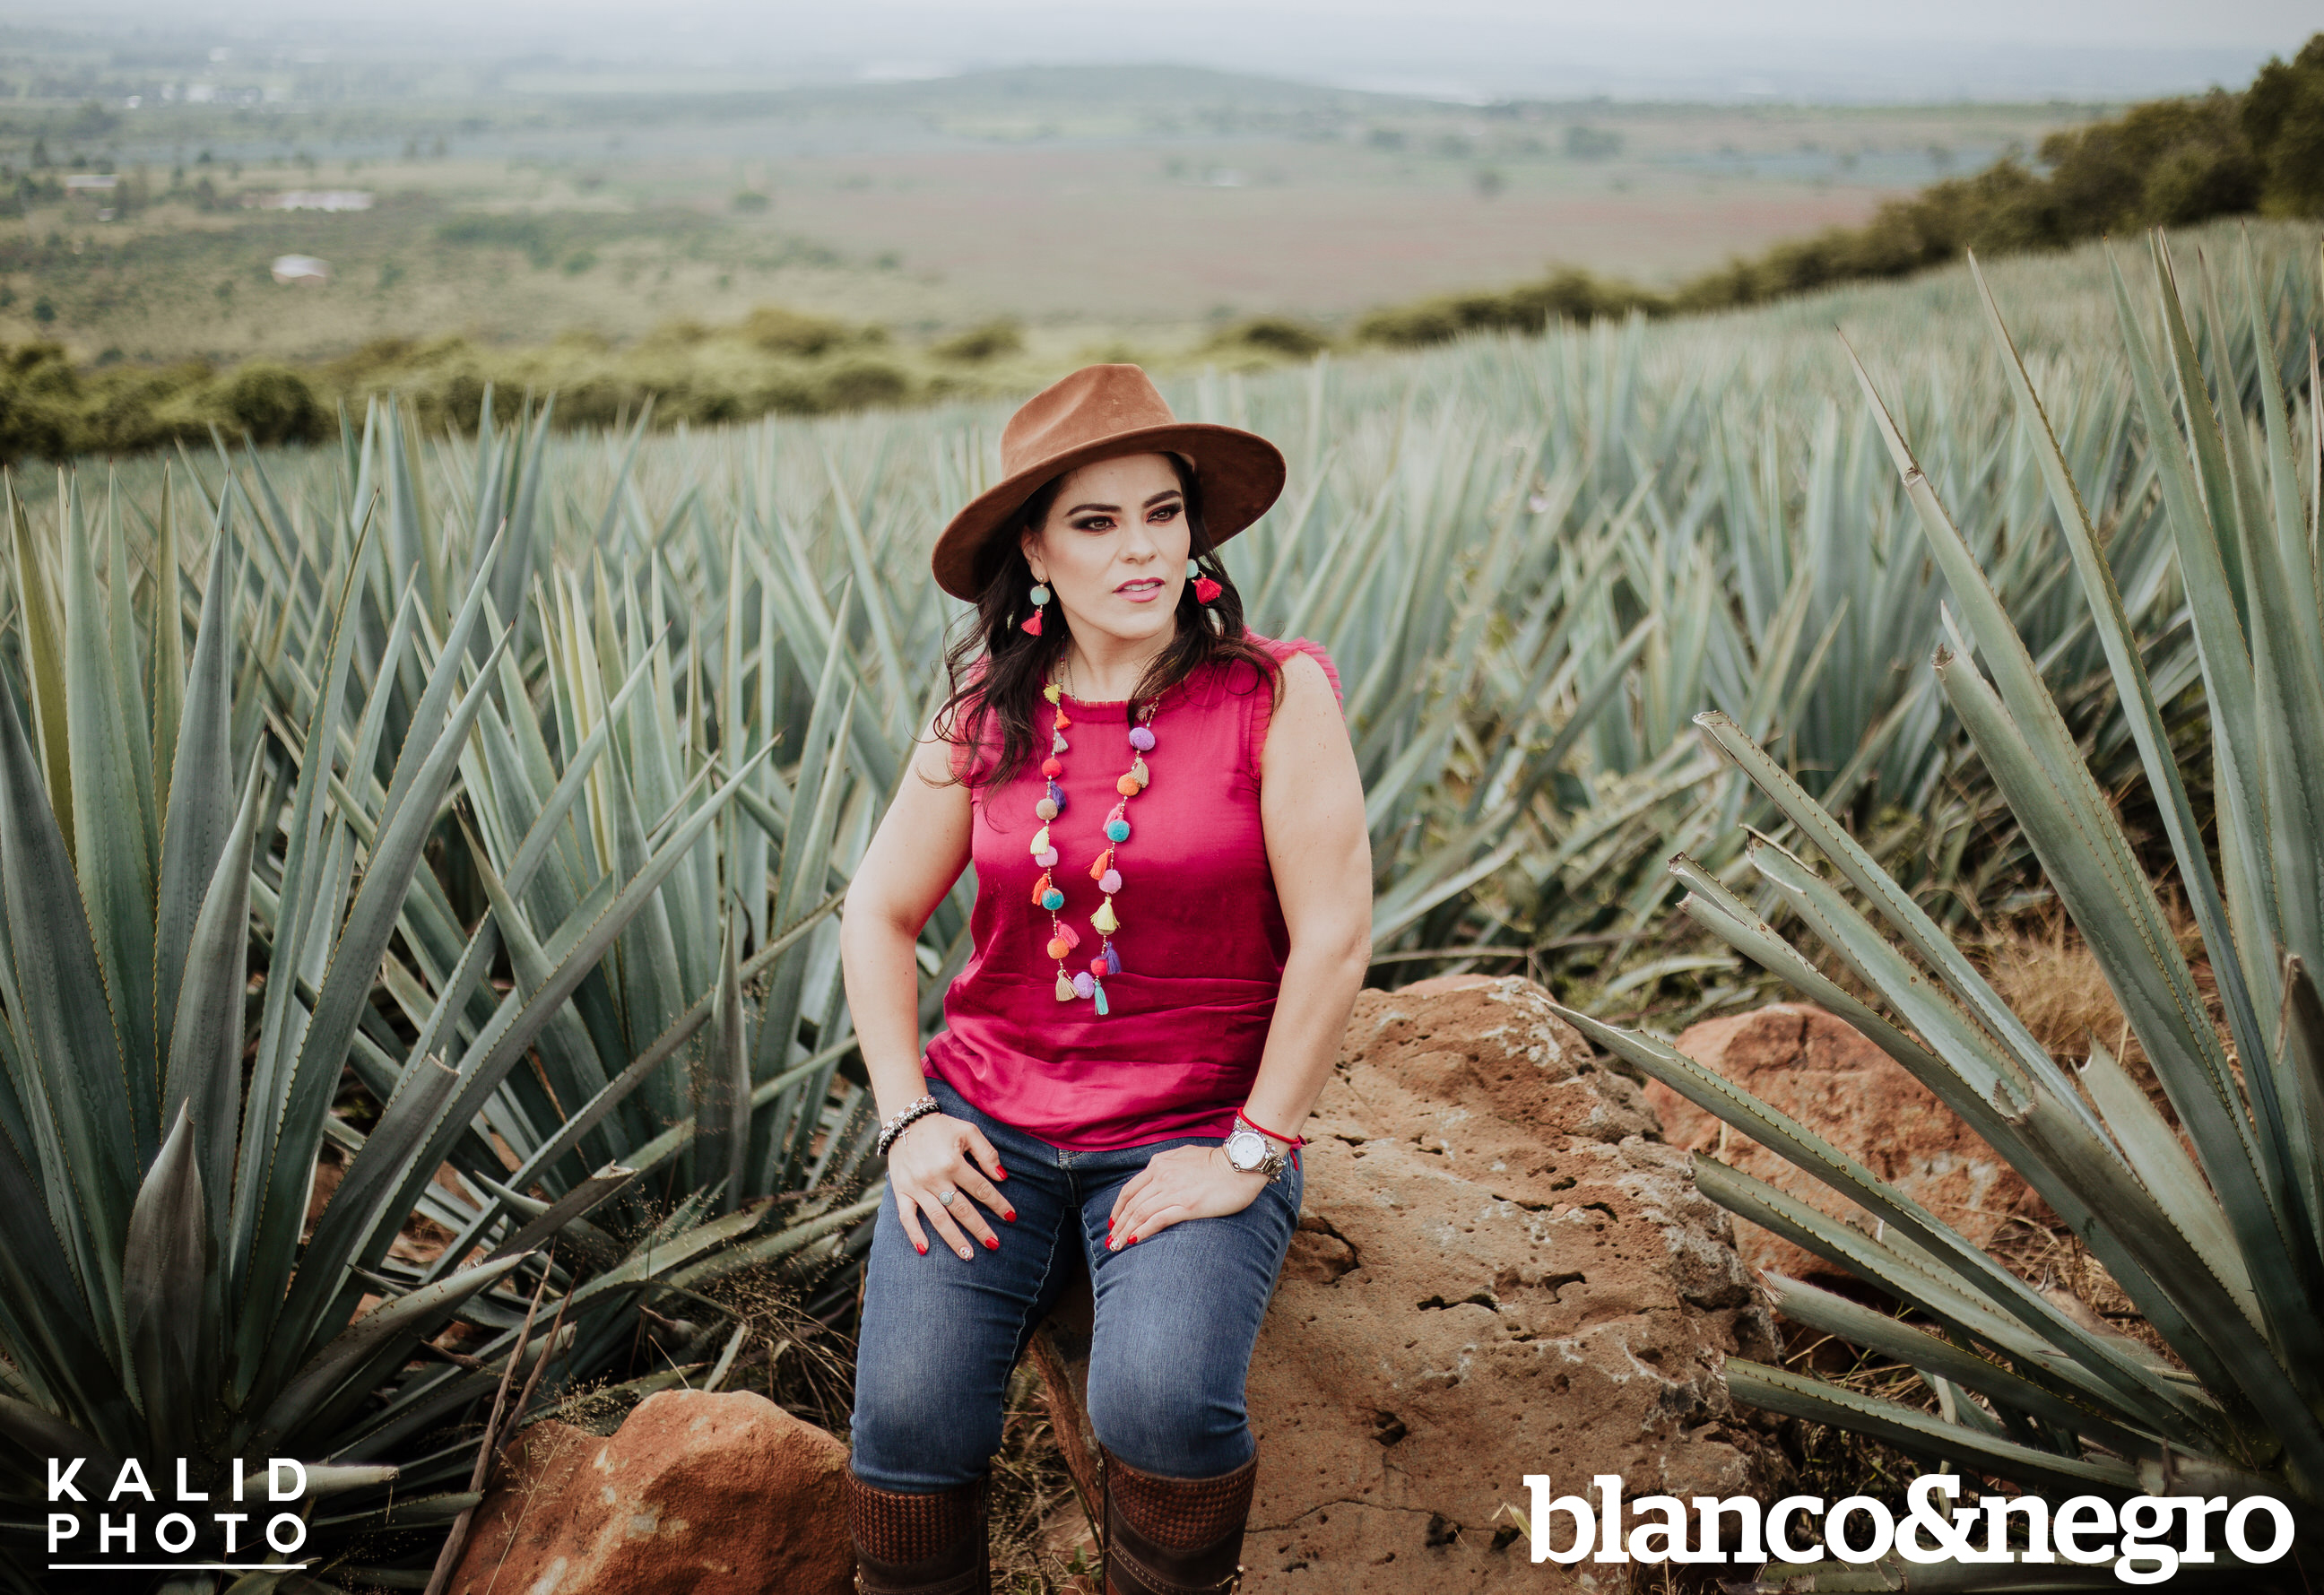 Mayra-BlancoYnegro-469